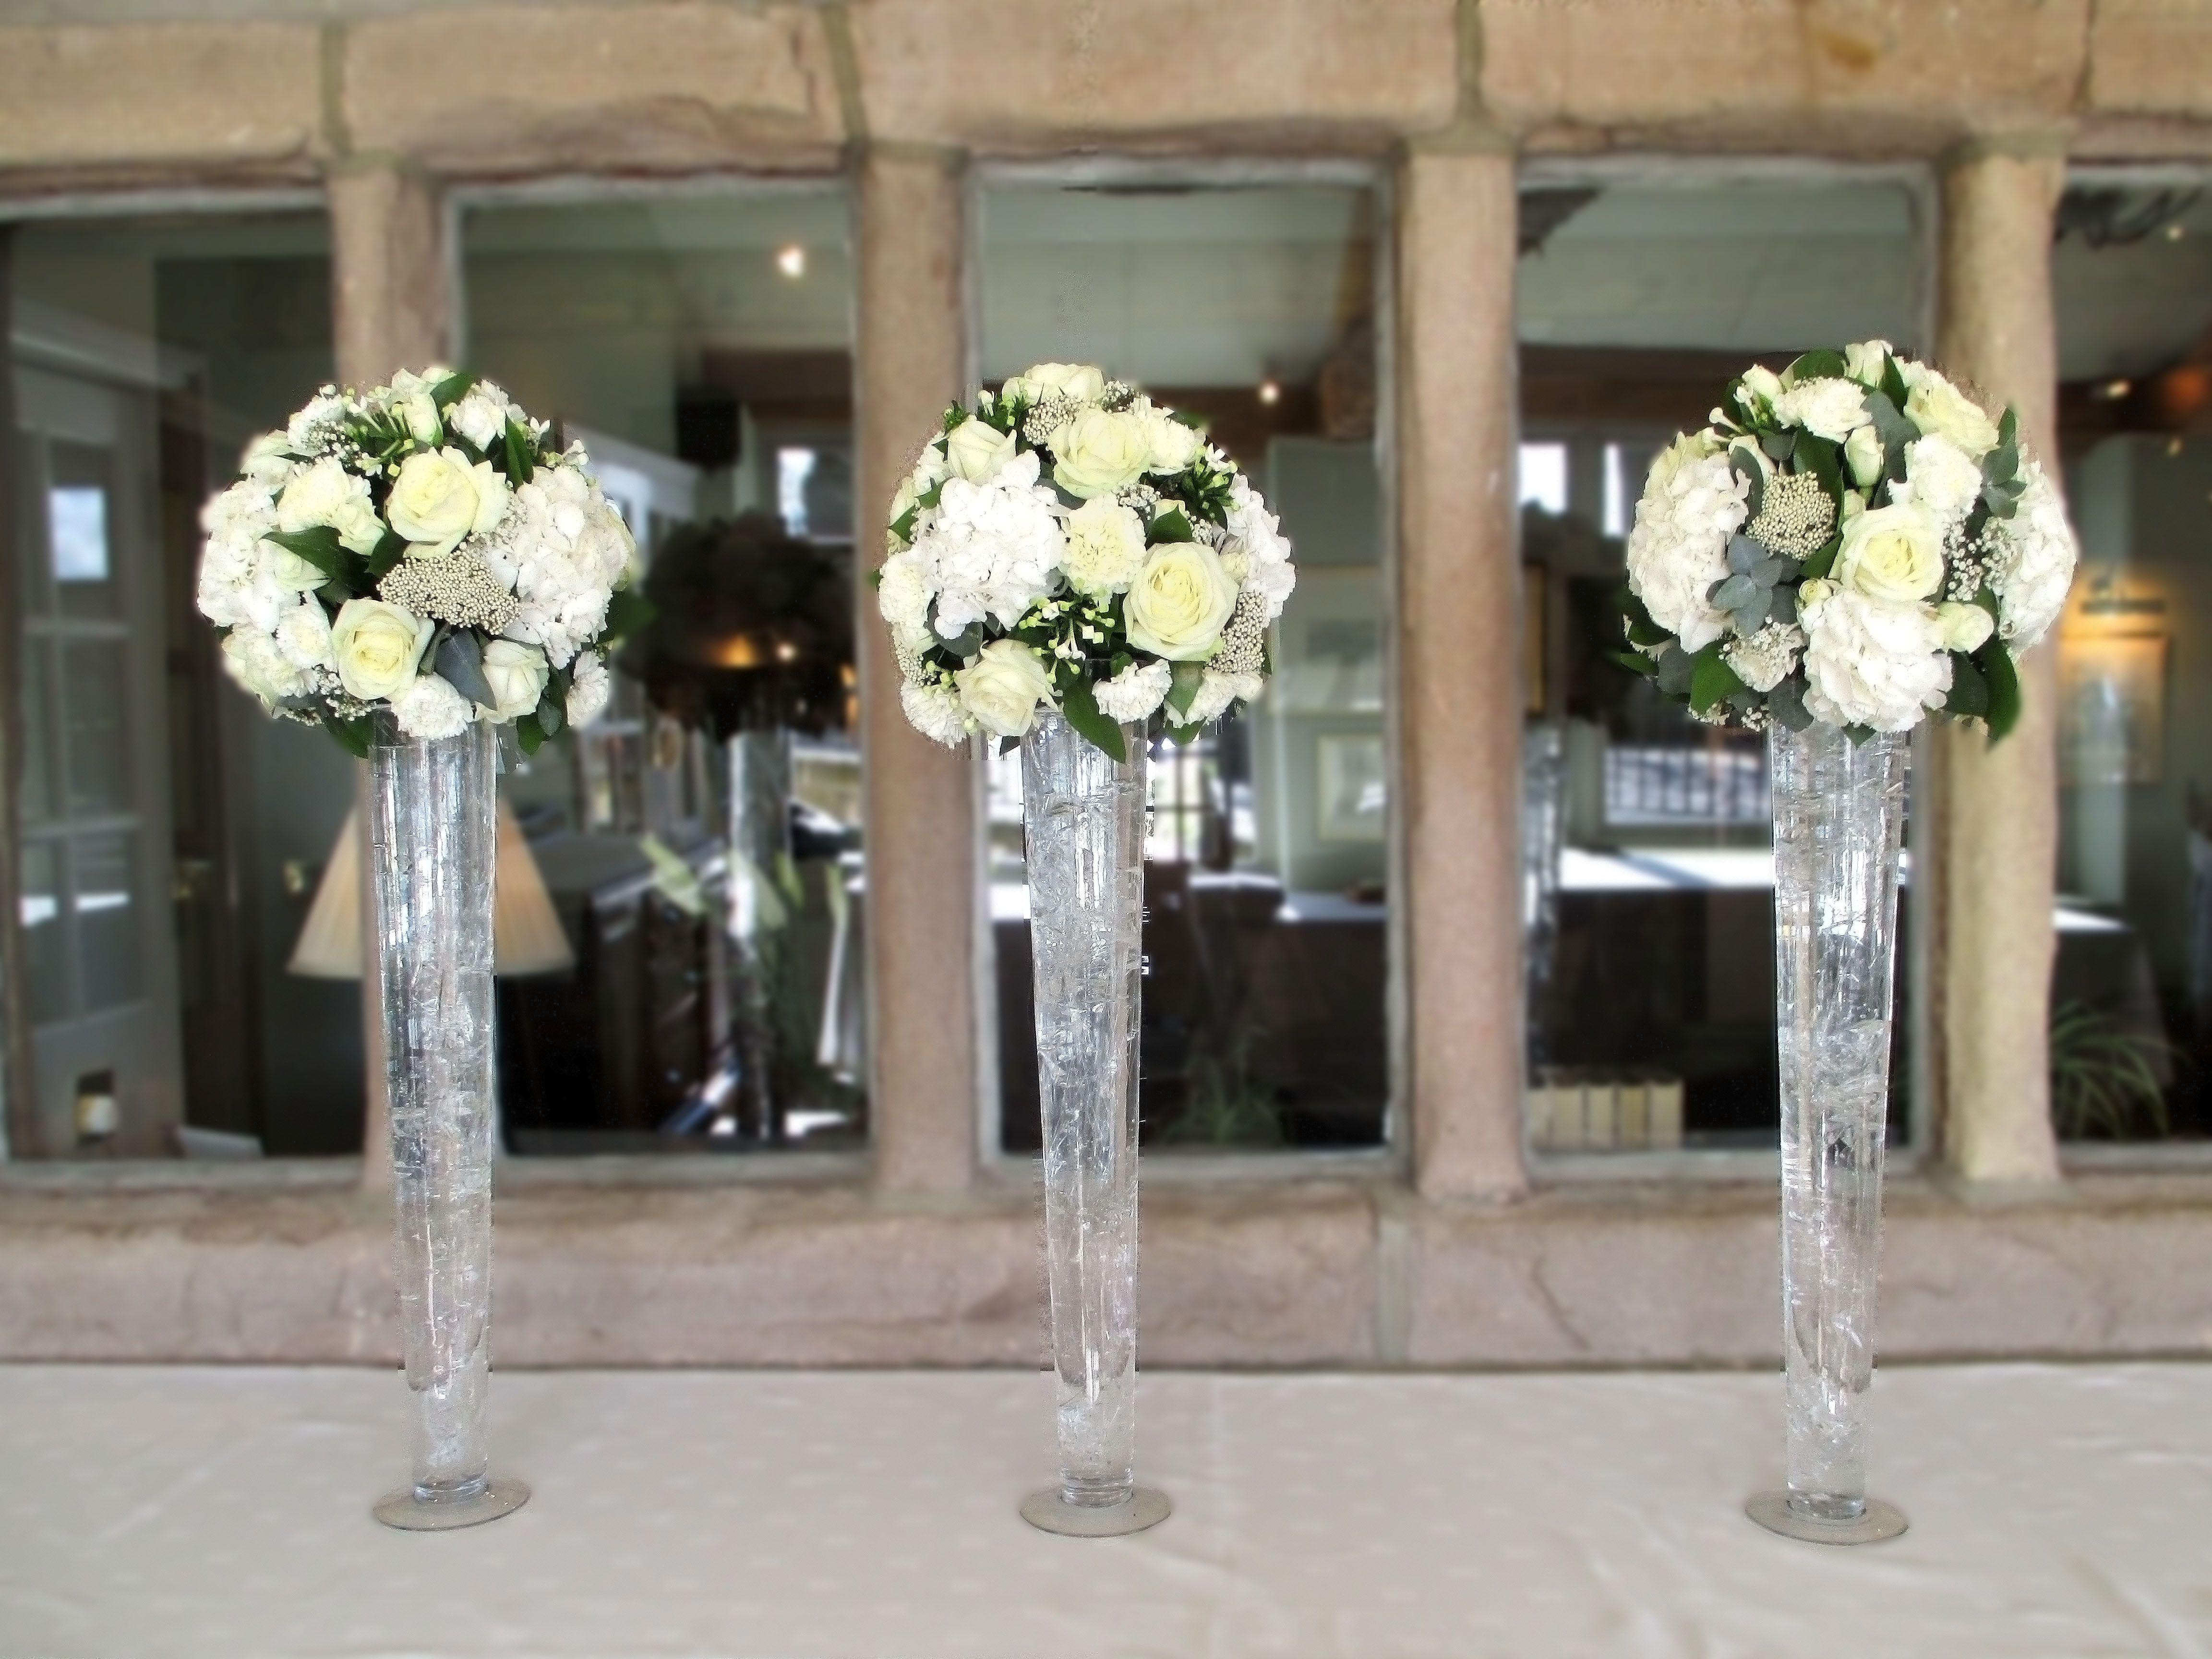 20 Unique Wholesale Tall Vases Wedding Centerpieces Decorative